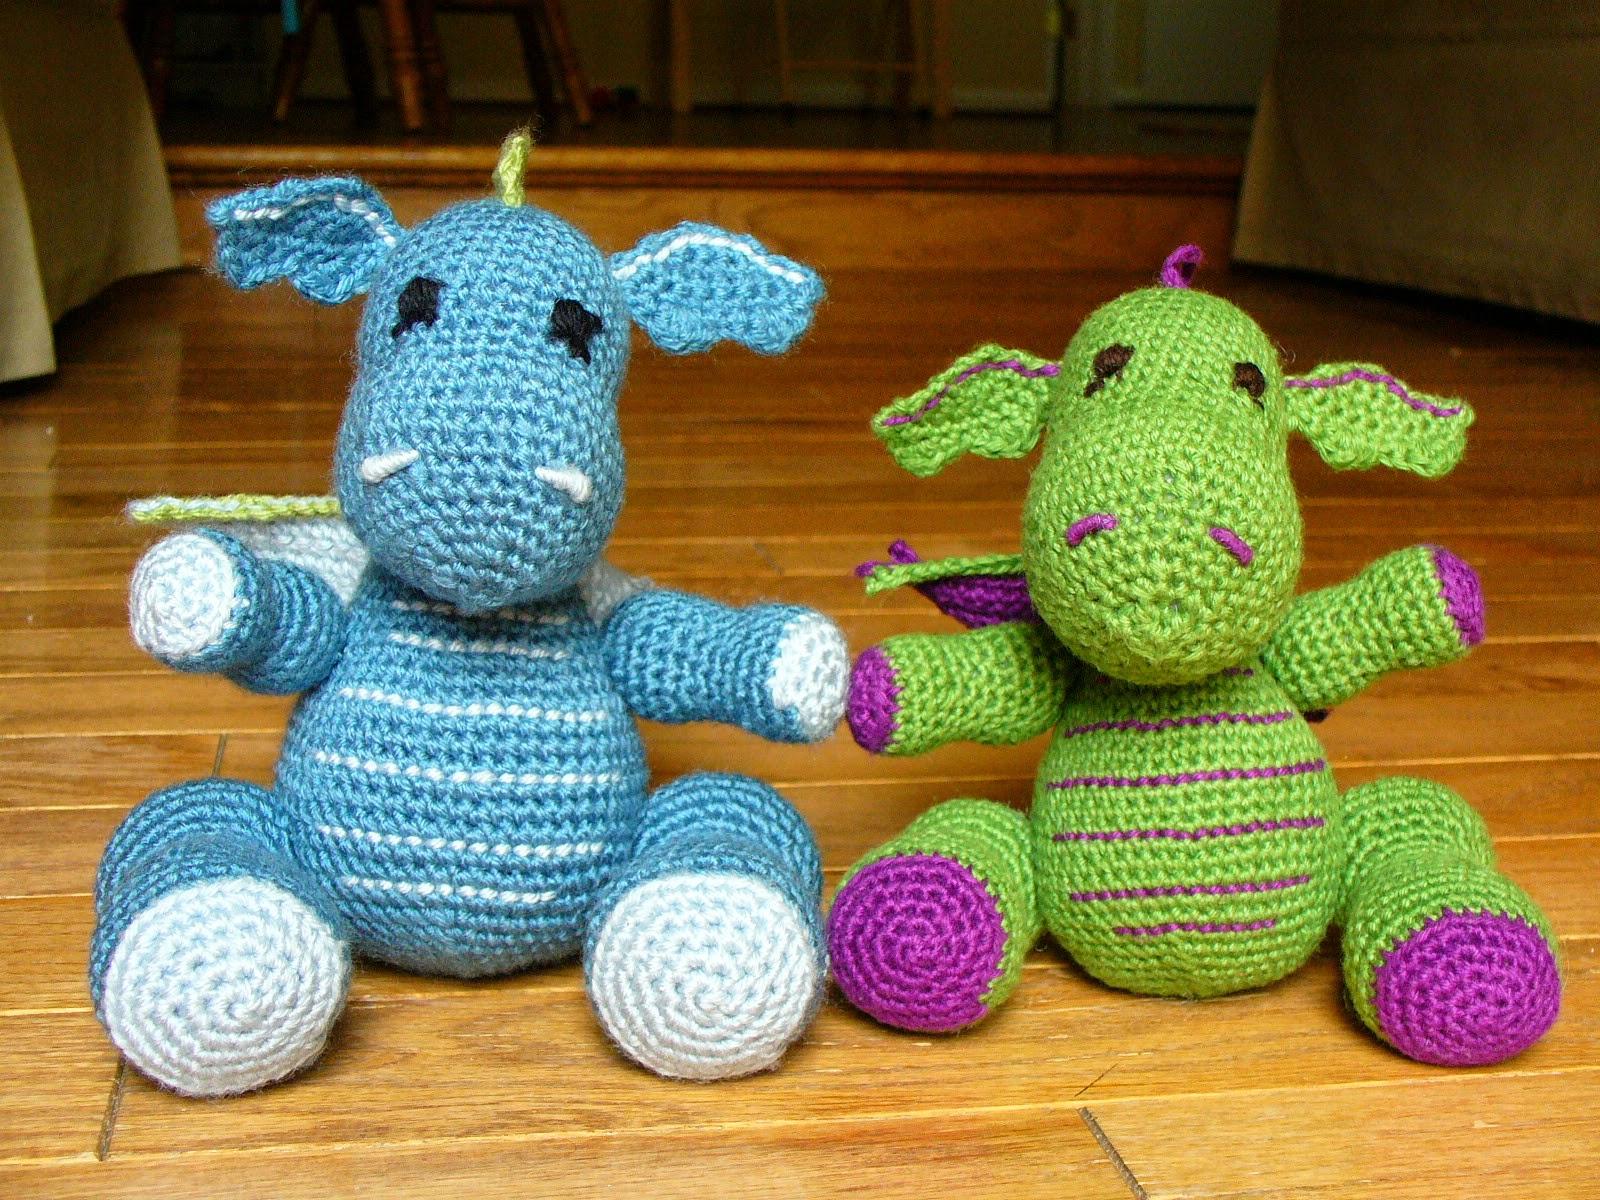 Amigurumi Pattern Dragon Free : Dragons Amigurumi Crochet Pattern ? Crochet Kingdom